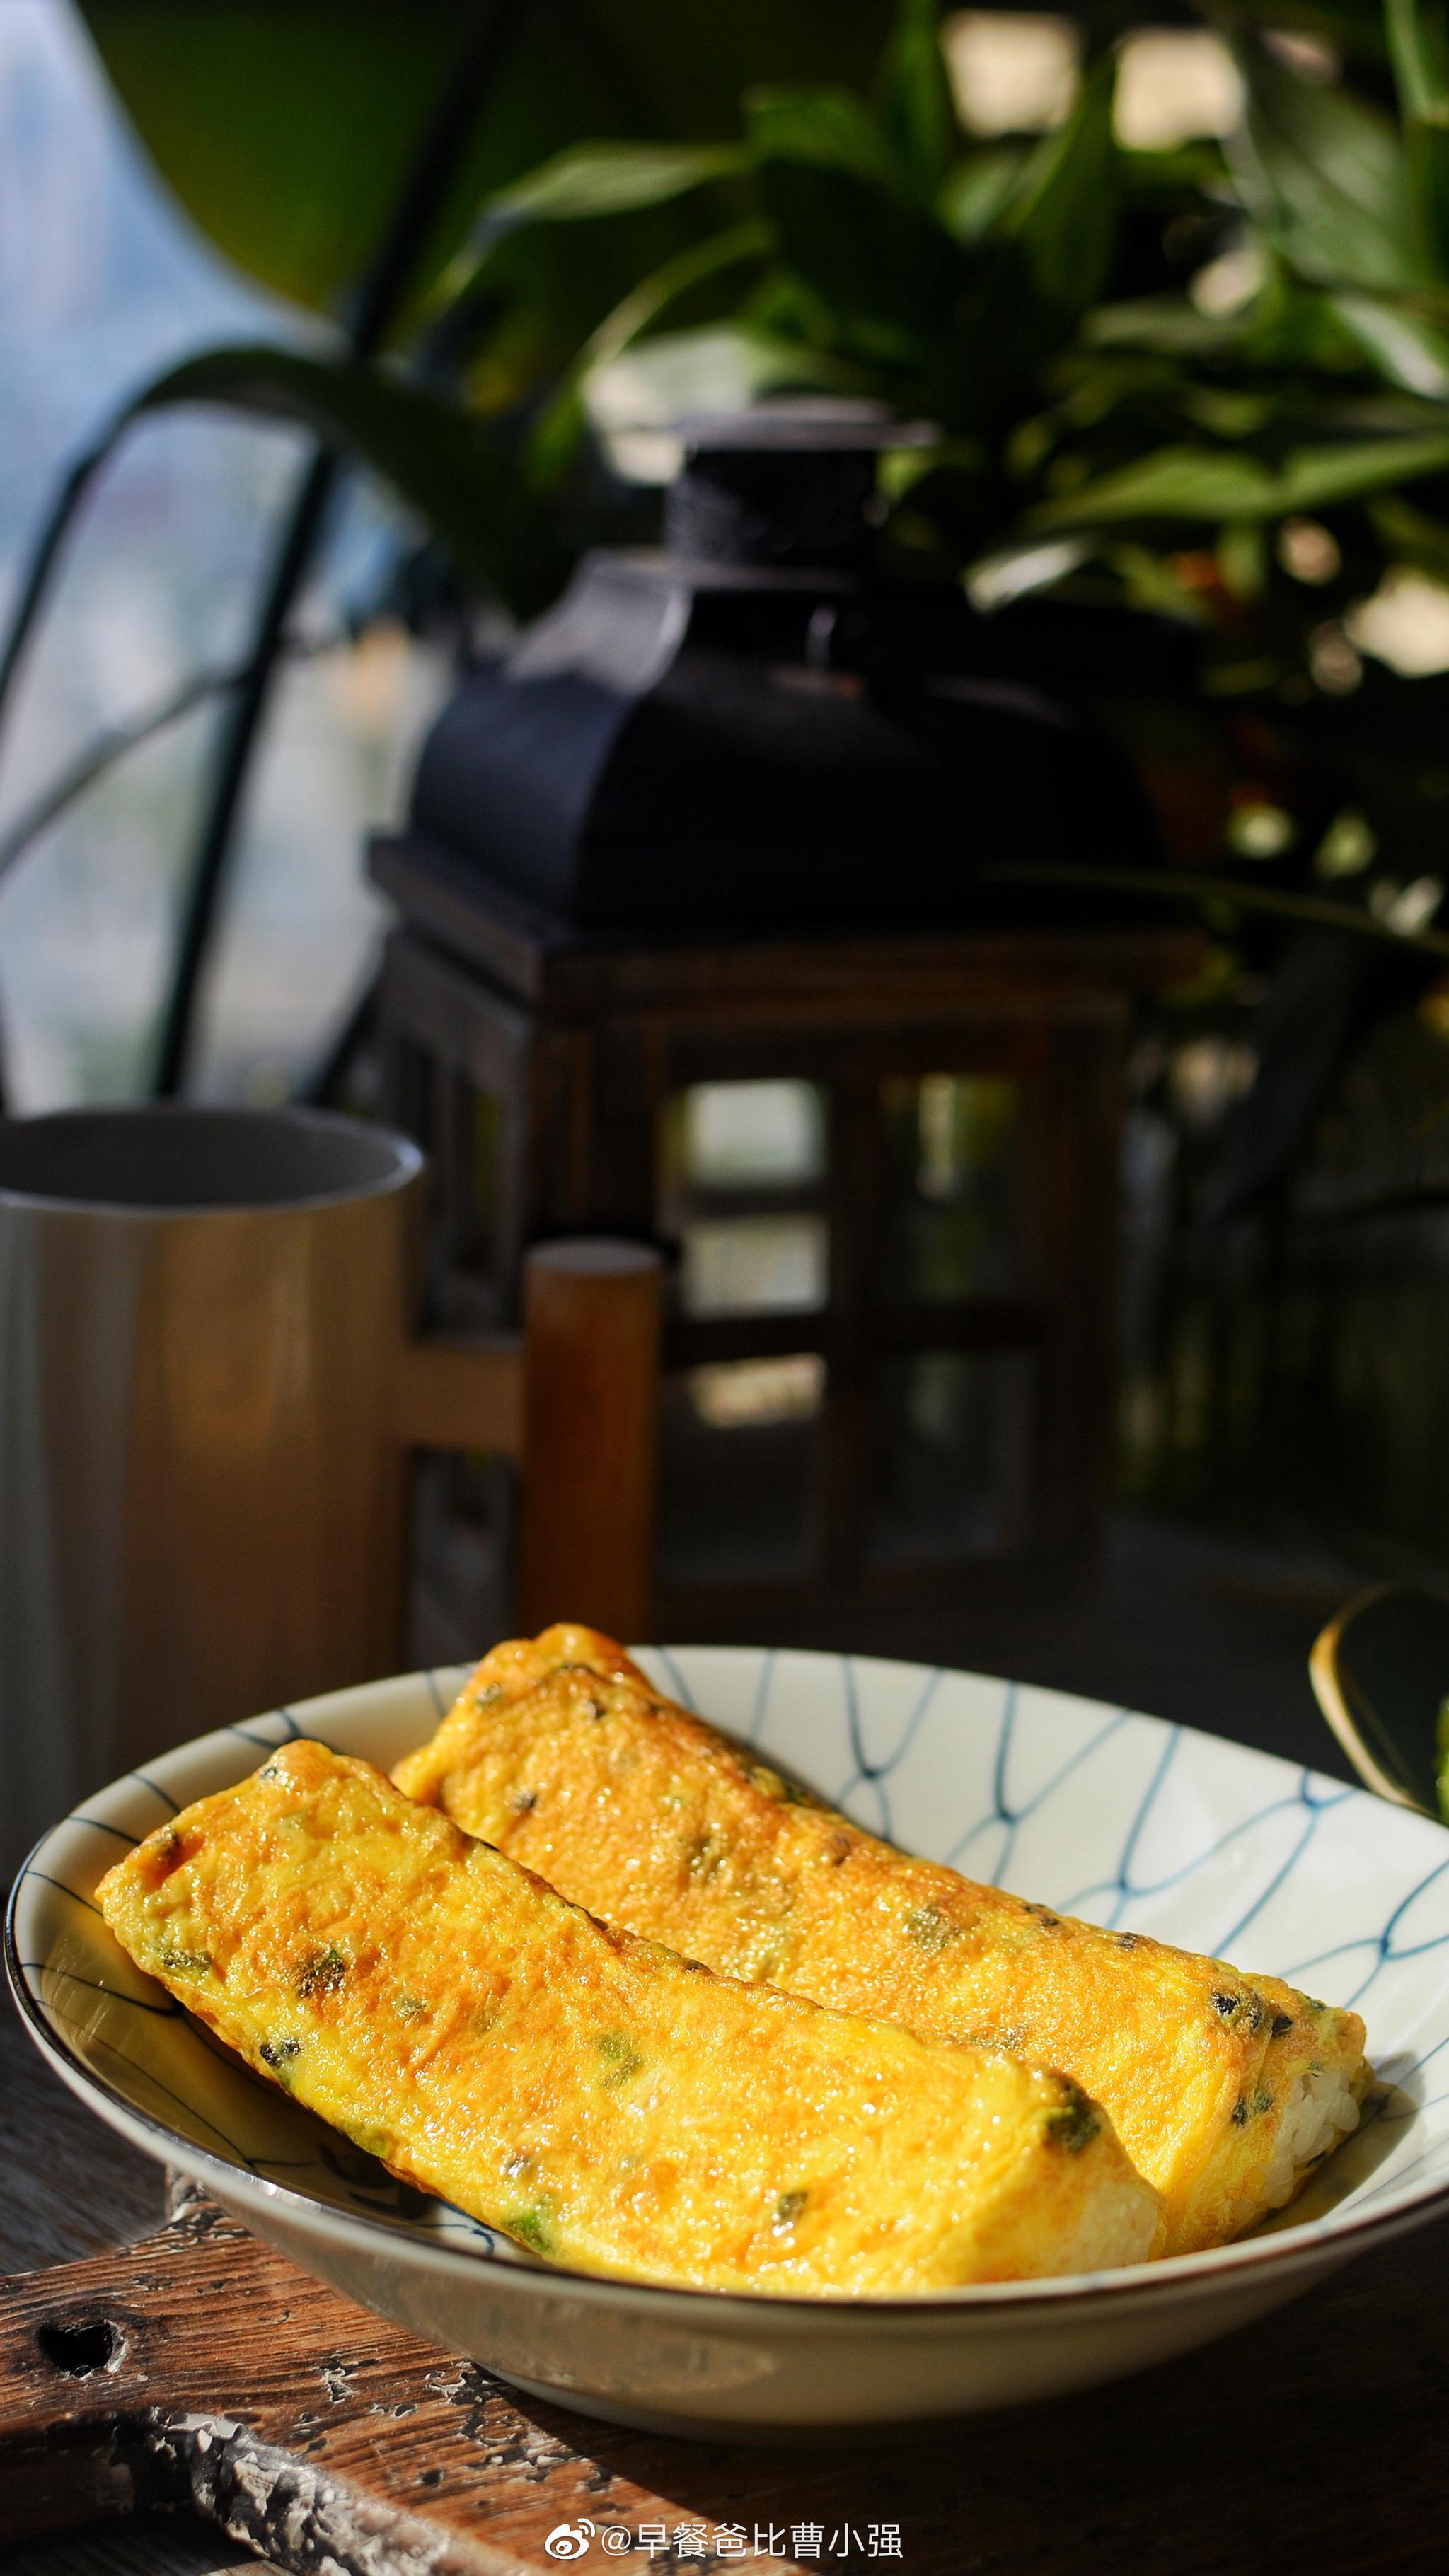 今天早餐鸡蛋饭卷猕猴桃牛奶大家早安 周六愉快 宁波今天又是